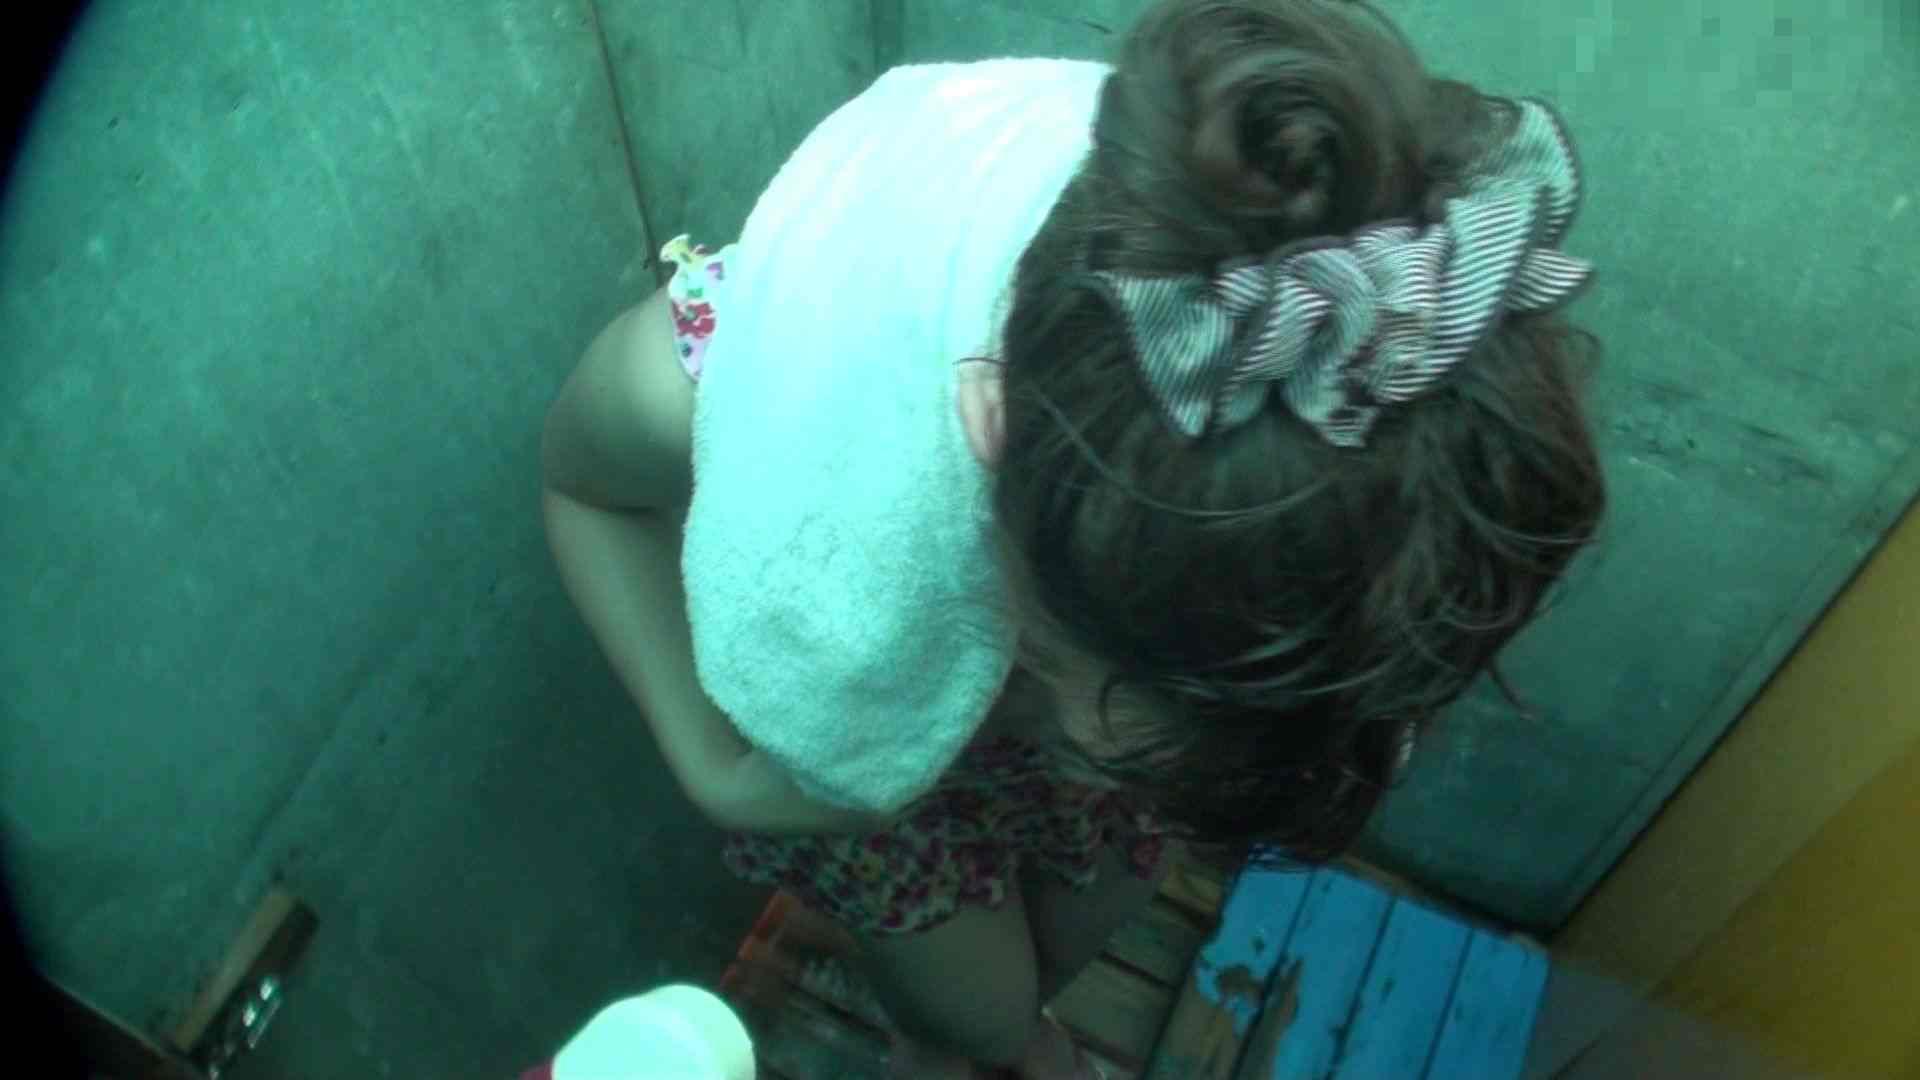 シャワールームは超!!危険な香りVol.6 超至近距離から彼女を凝視!! シャワー おめこ無修正画像 82PIX 20